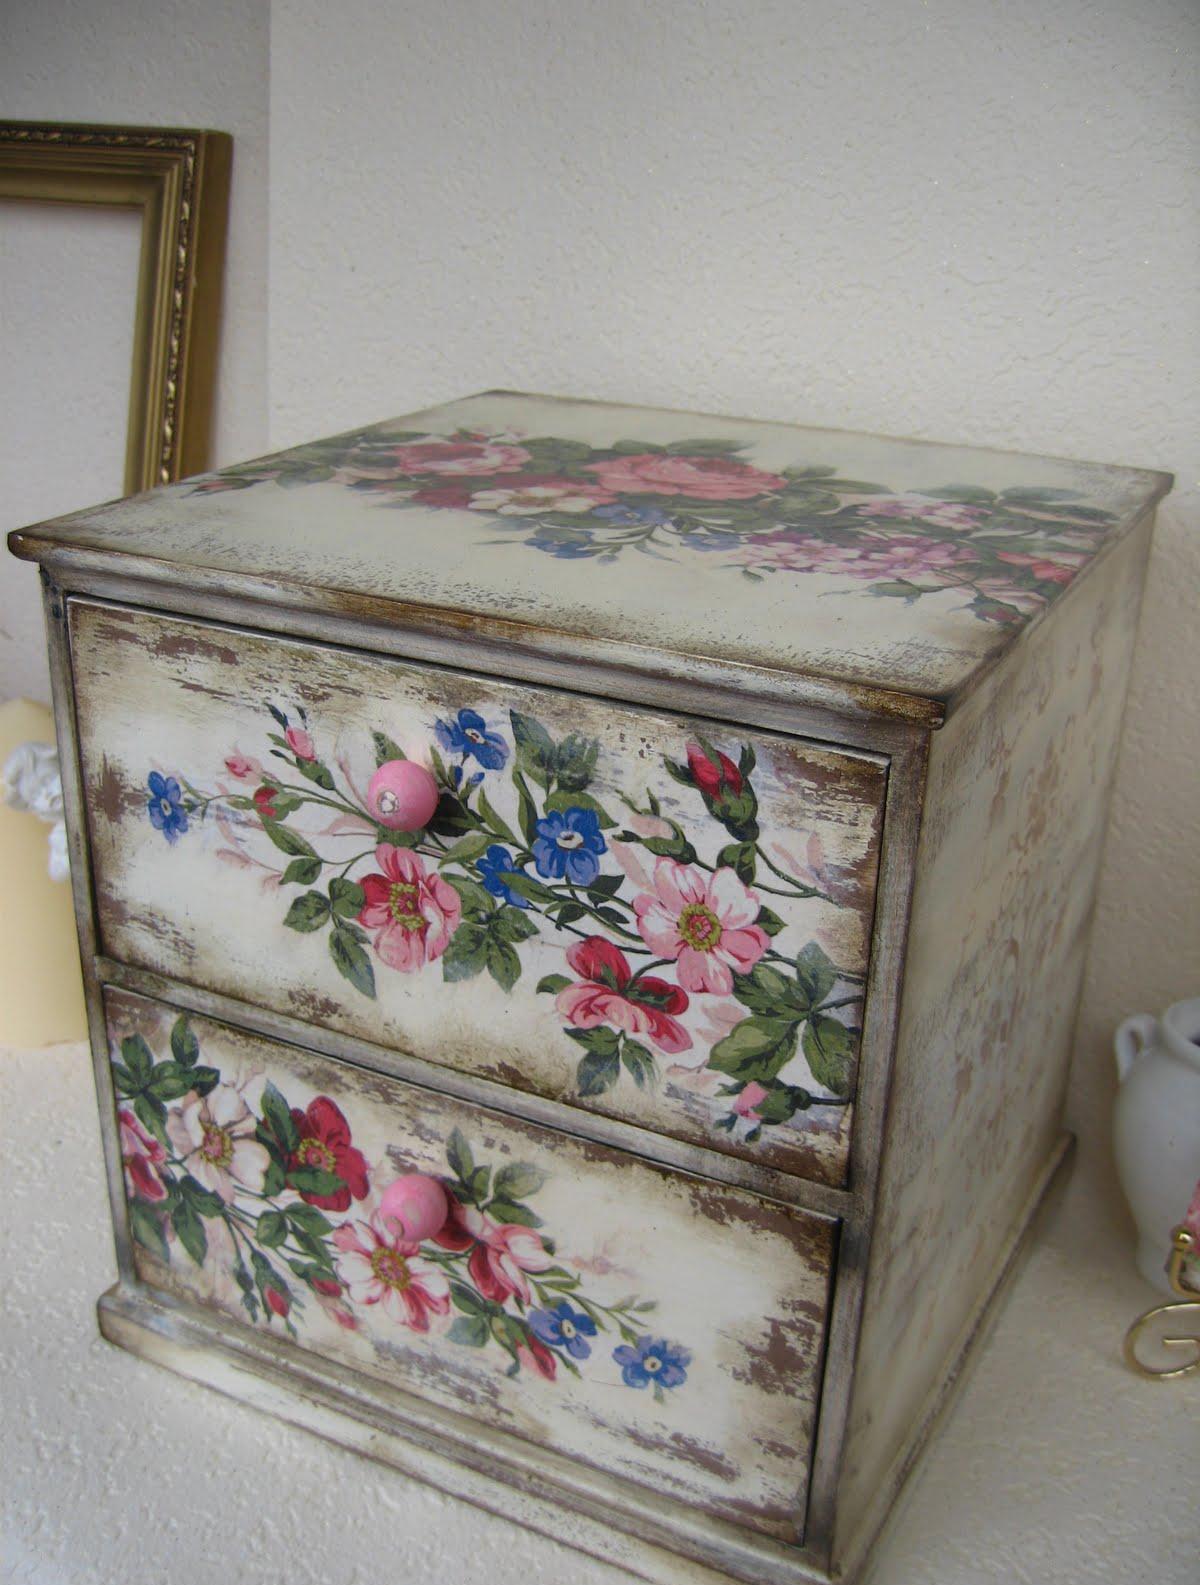 Декупаж мебели: оригинальные идеи и инструкции по декорированию